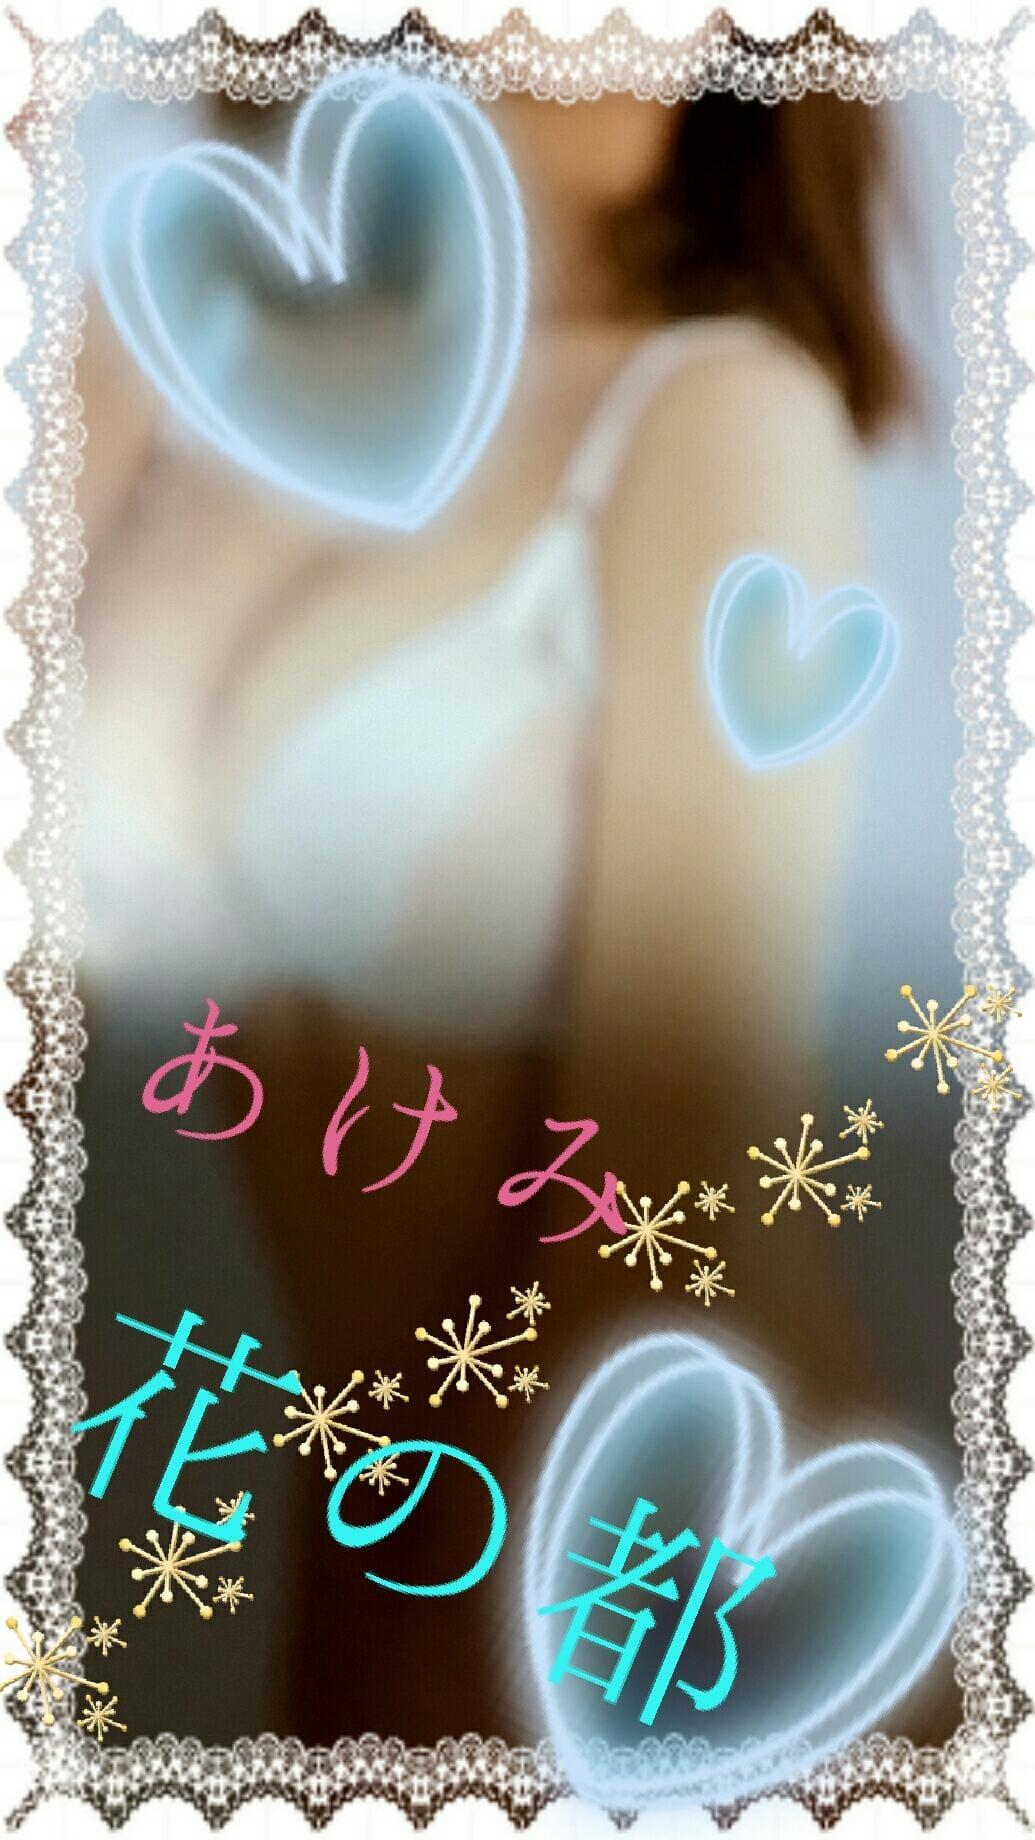 「日に日に…」07/18(07/18) 09:55 | あけみの写メ・風俗動画